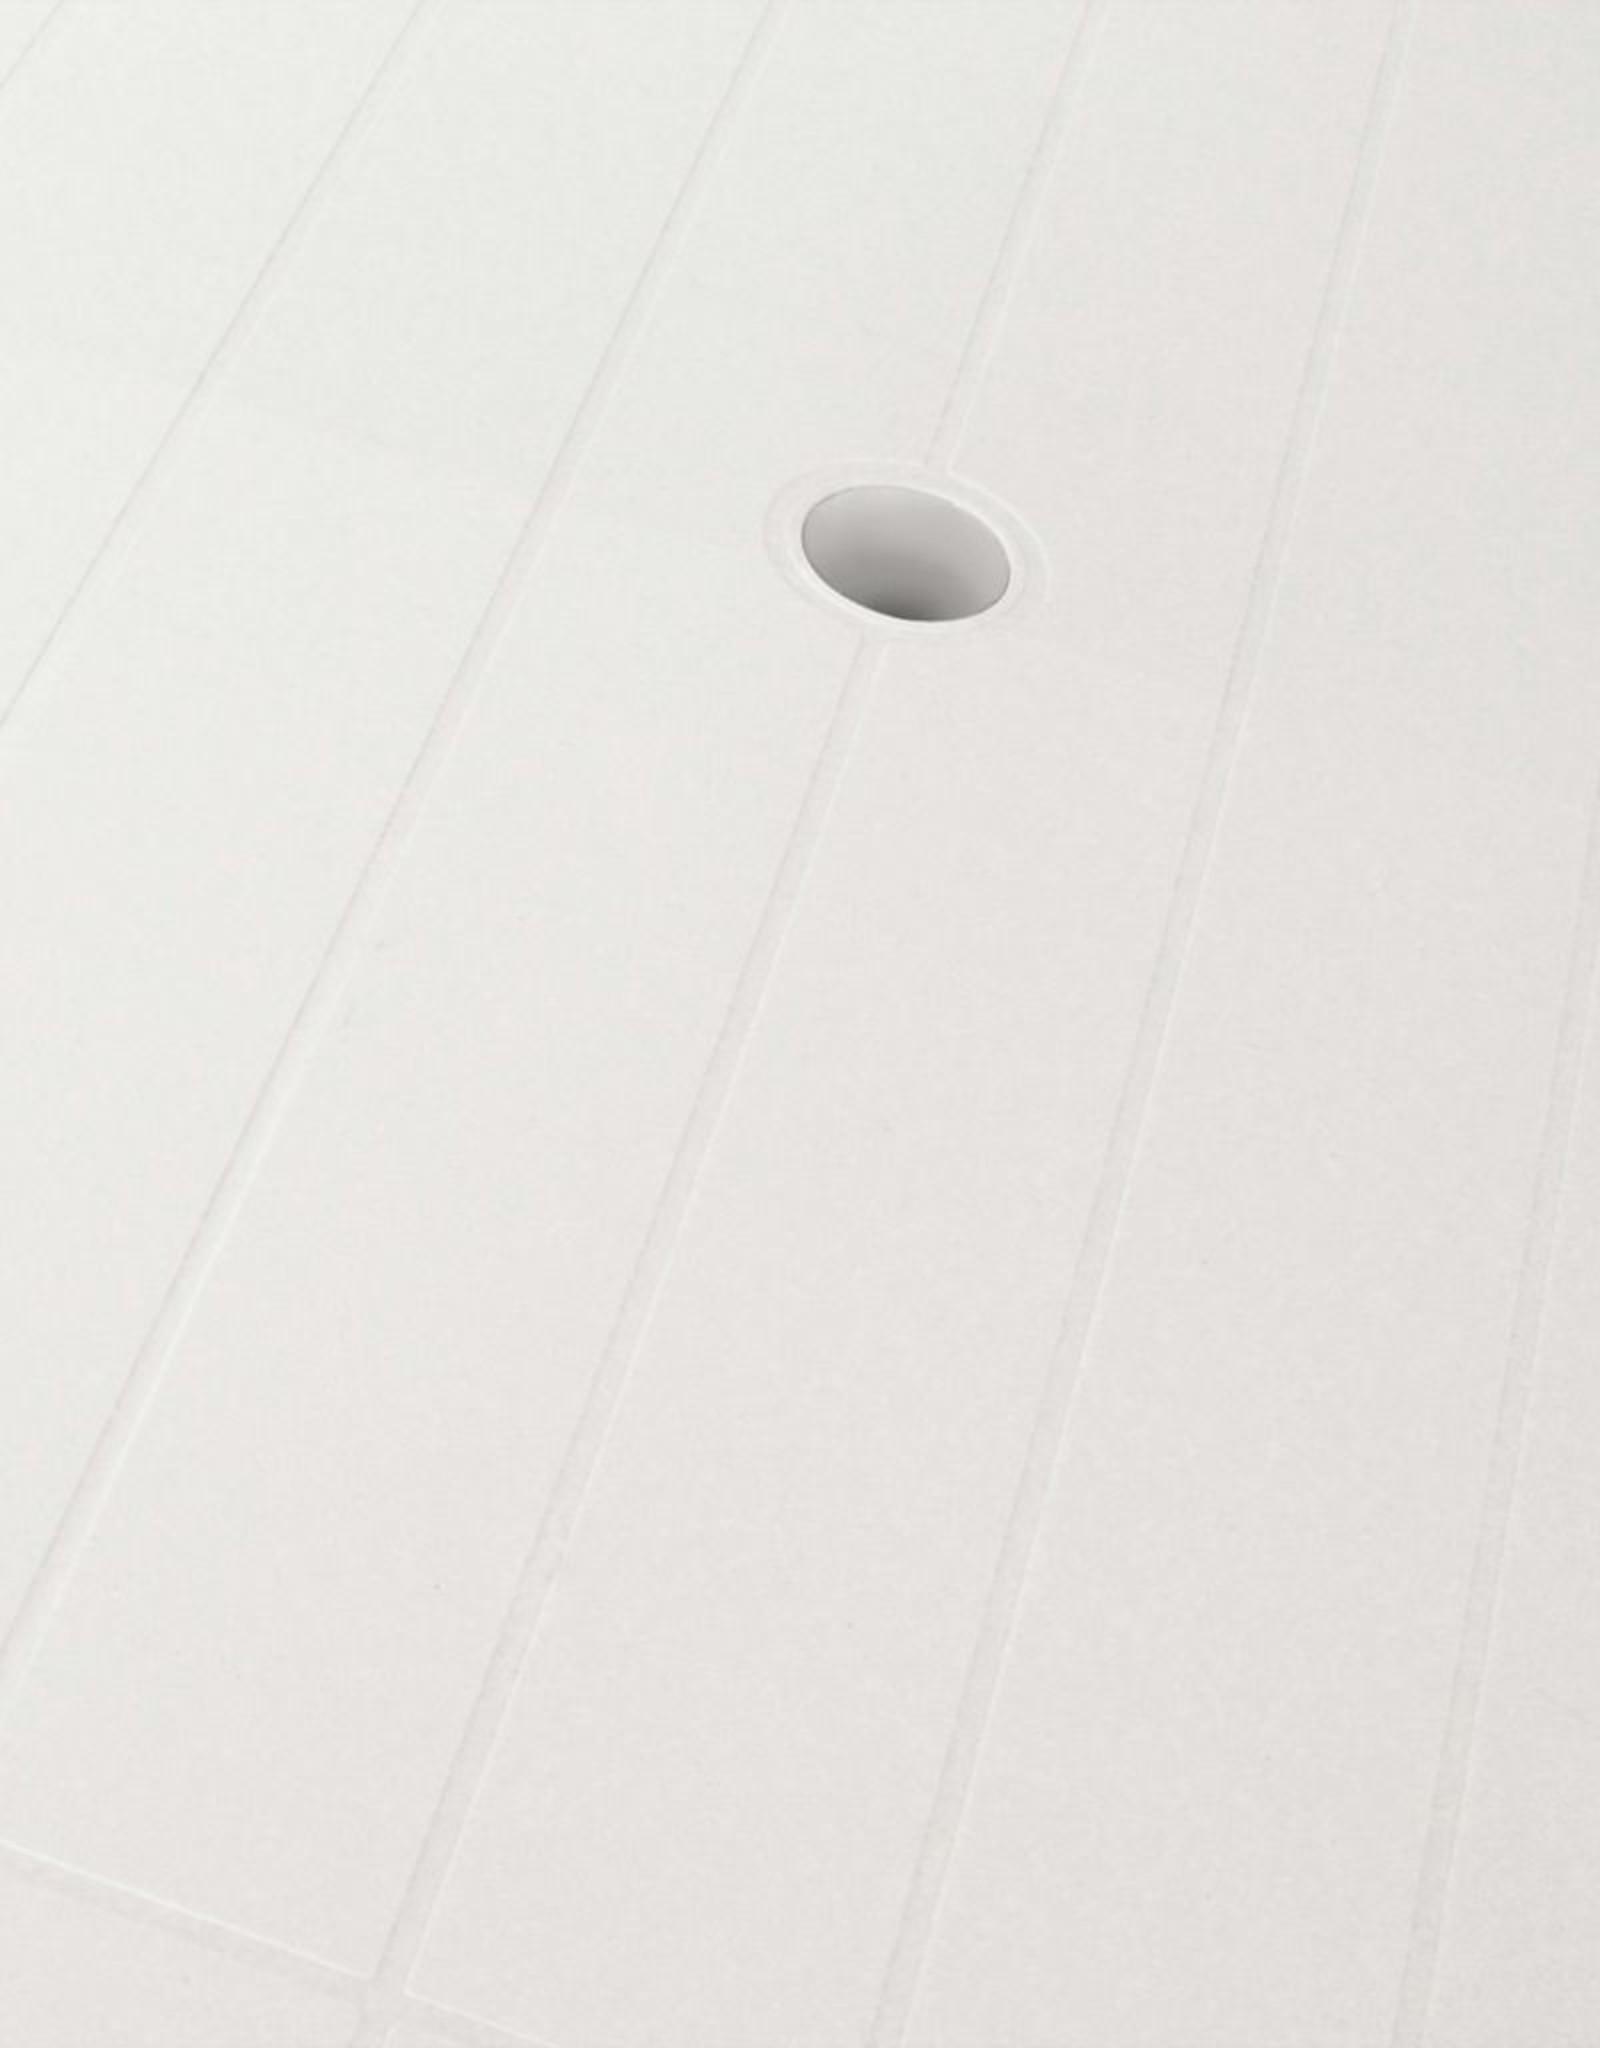 vidaXL 5-delige Tuinset kunststof wit